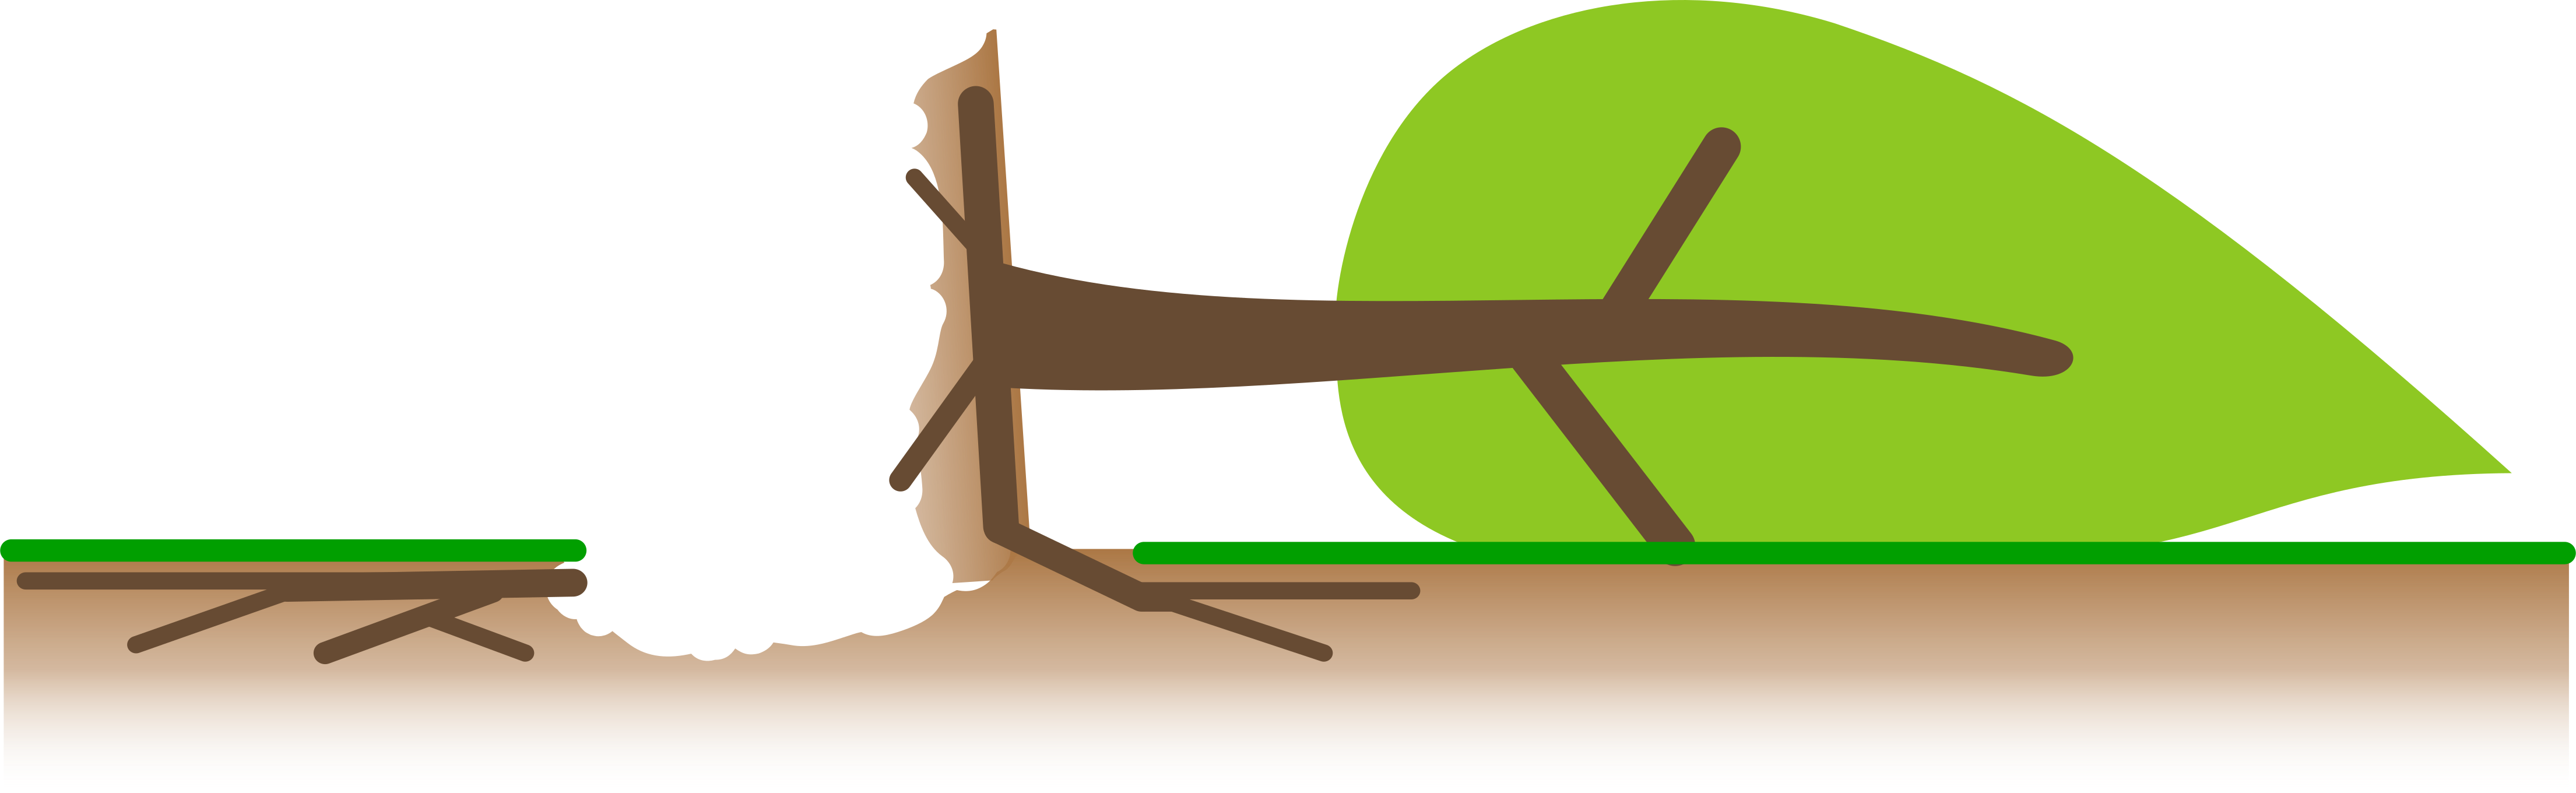 Grafik Standsicherheit / Bruchsicherheit Baumversagen Baumkippen